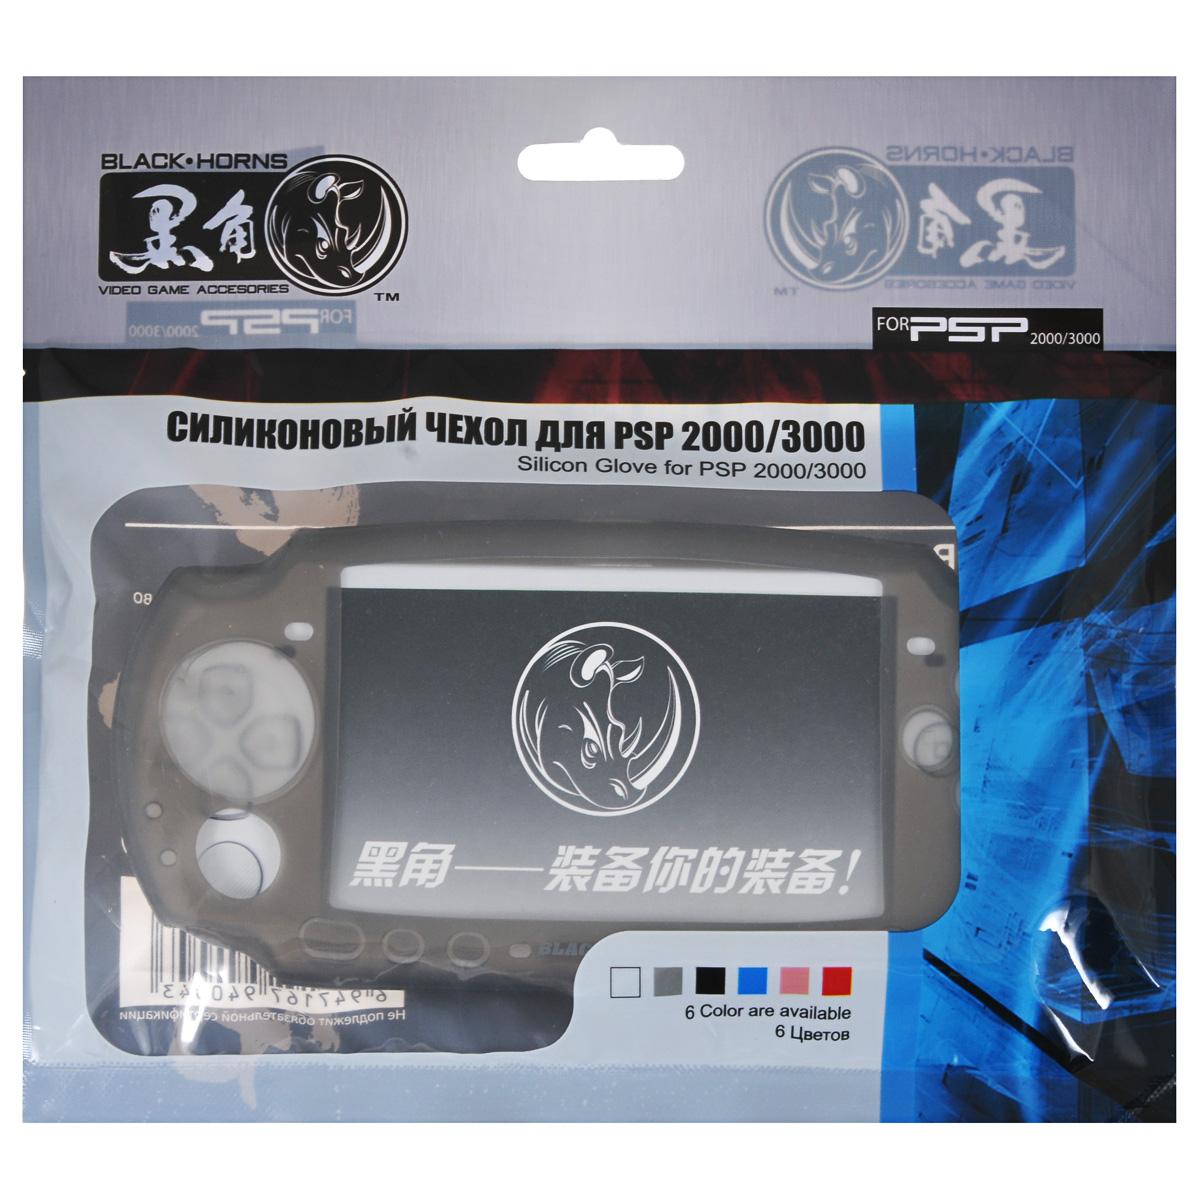 Силиконовый чехол для PSP 2000/3000 (серый) Black Horns